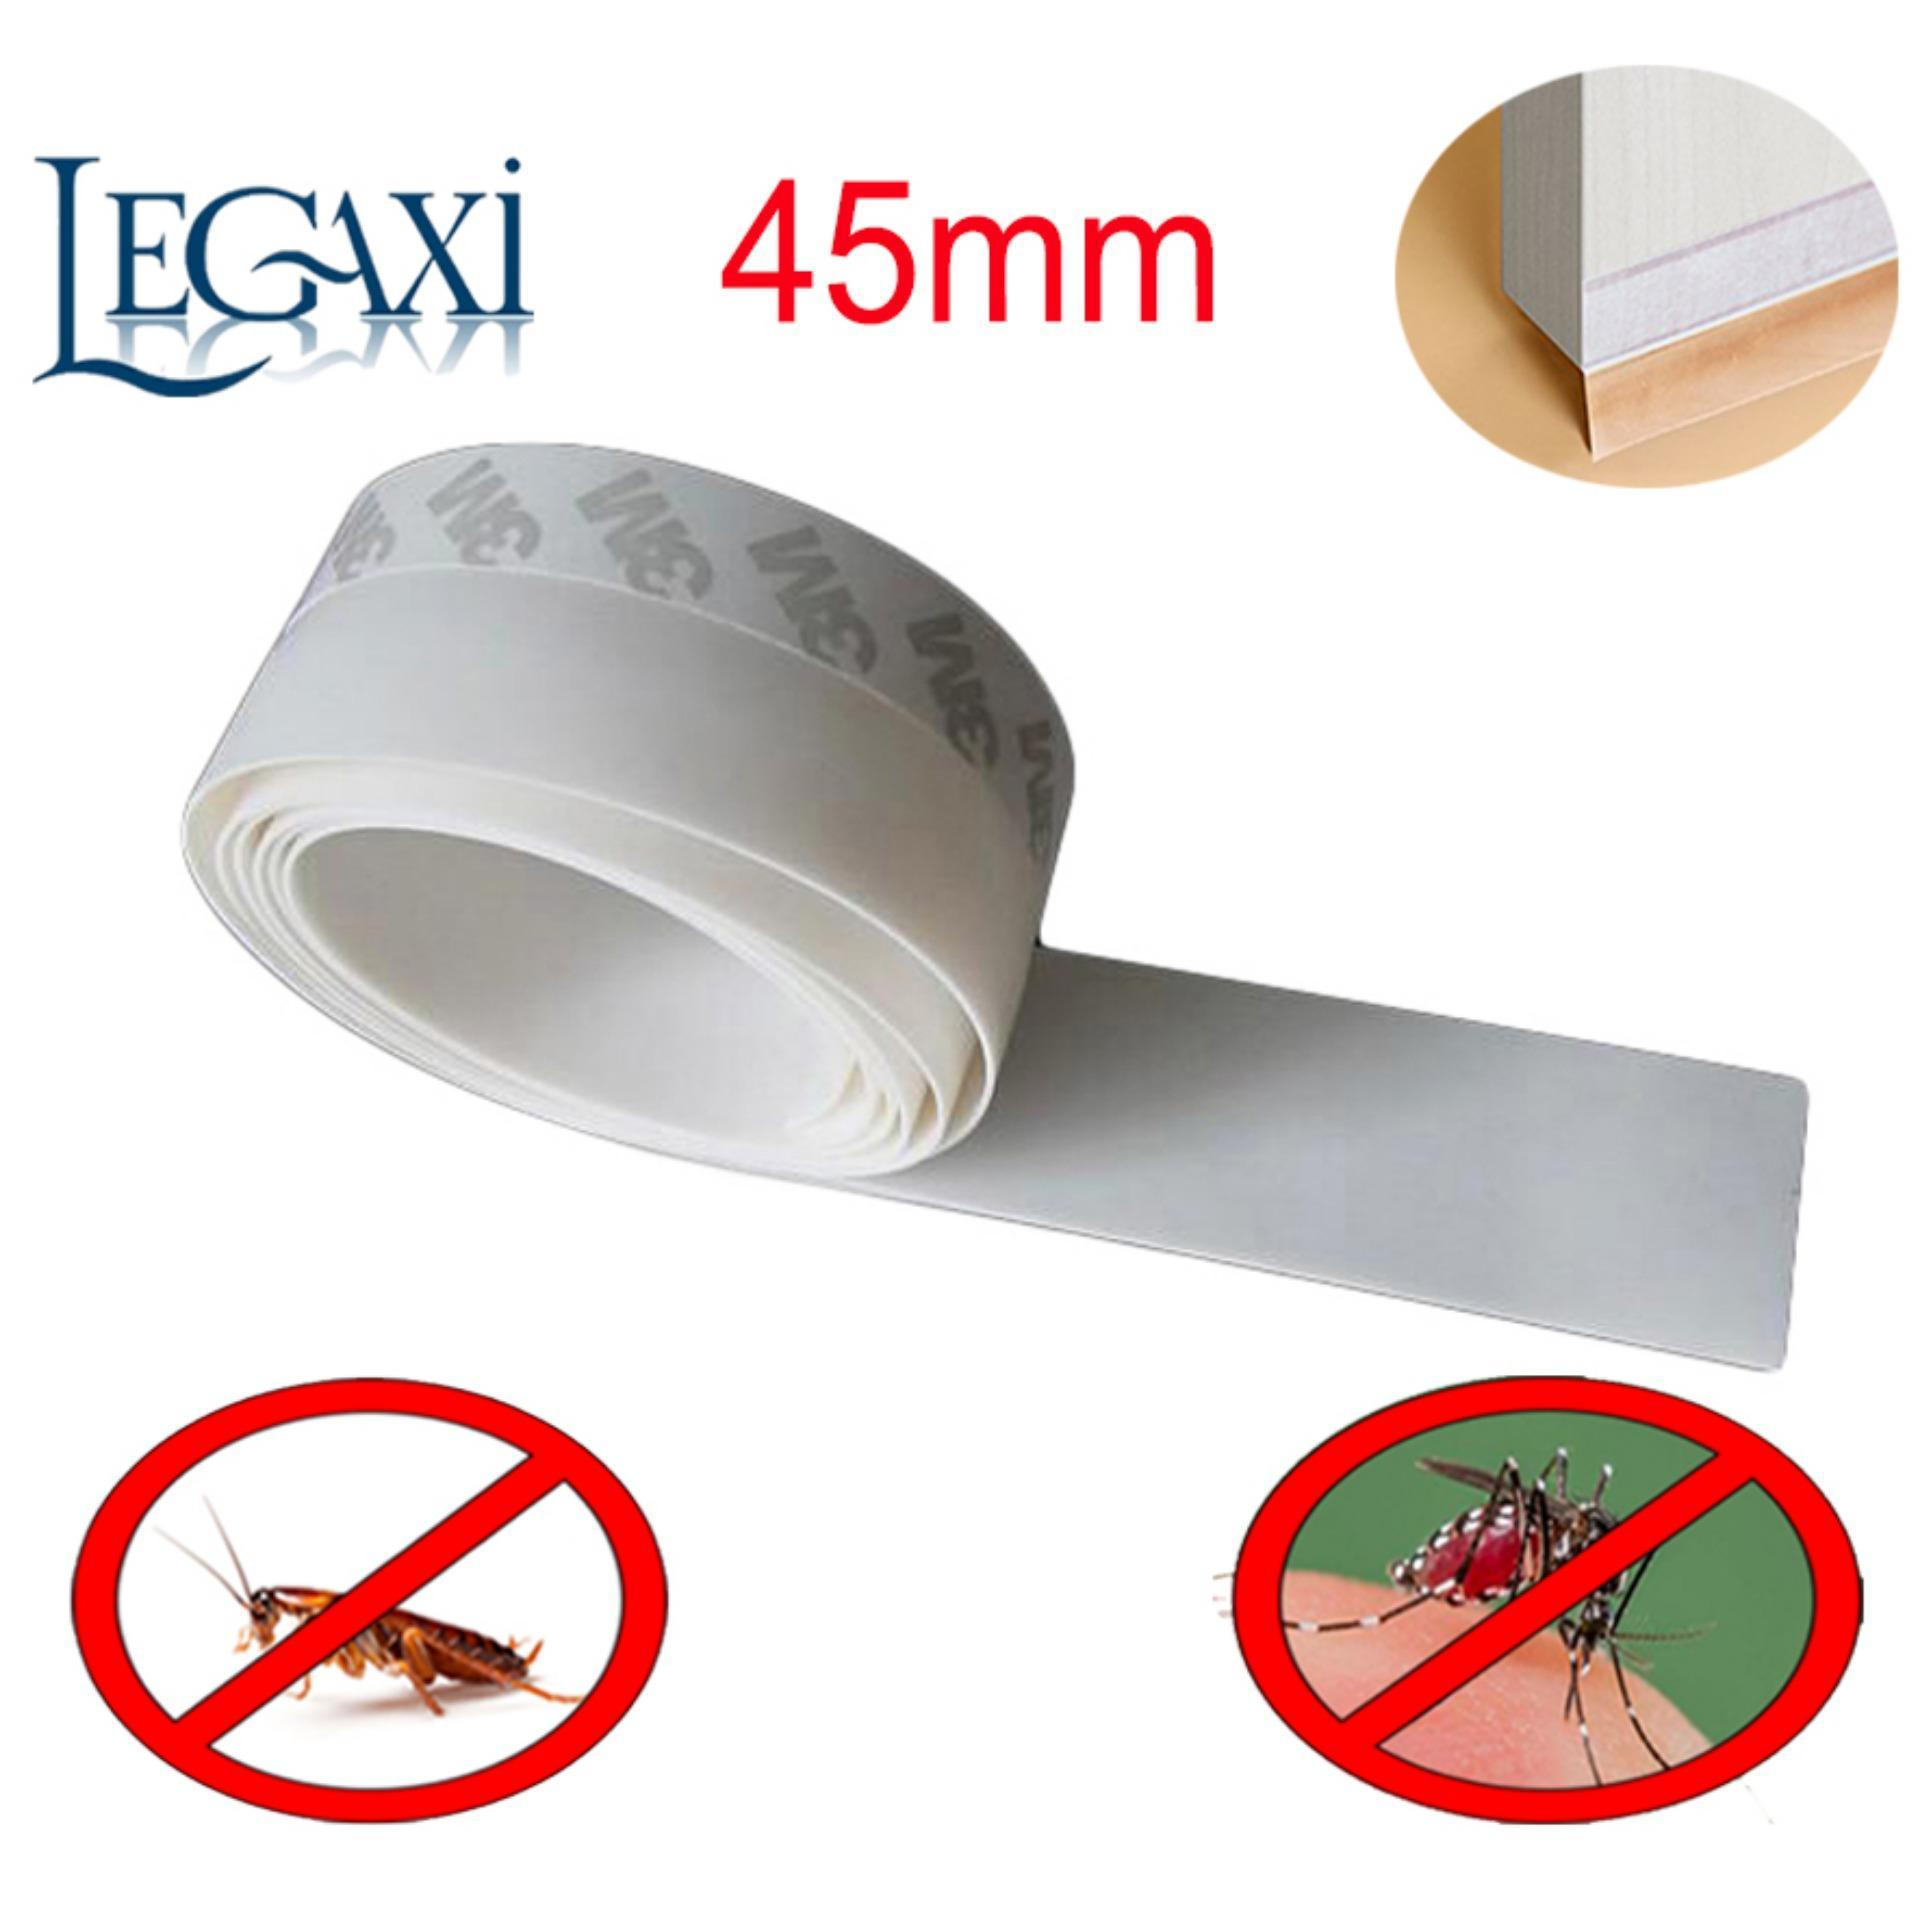 Ron Dán Chân Cửa Dài 2 mét Che Khe Hở Ngăn Côn Trùng Ruỗi Muỗi Gián  Rộng 45mm Legaxi SWE7